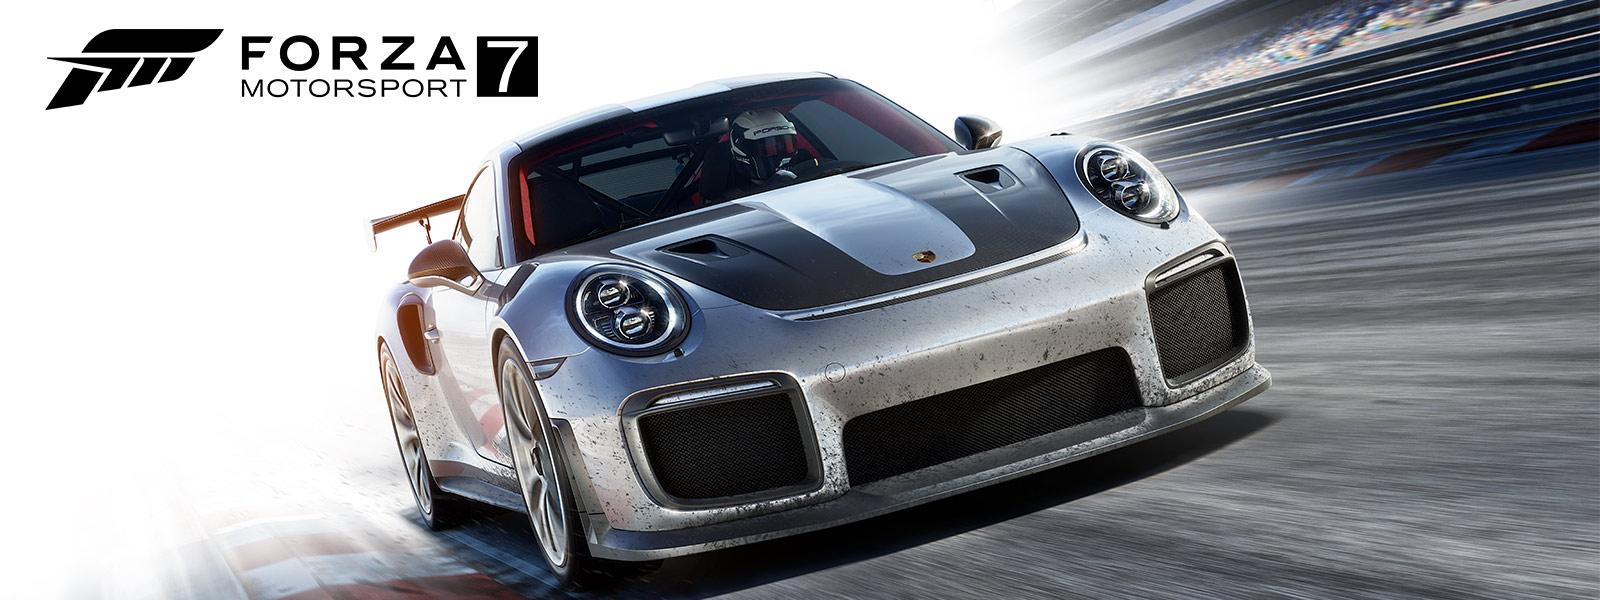 מסך משחק של Forza Motorsport 7